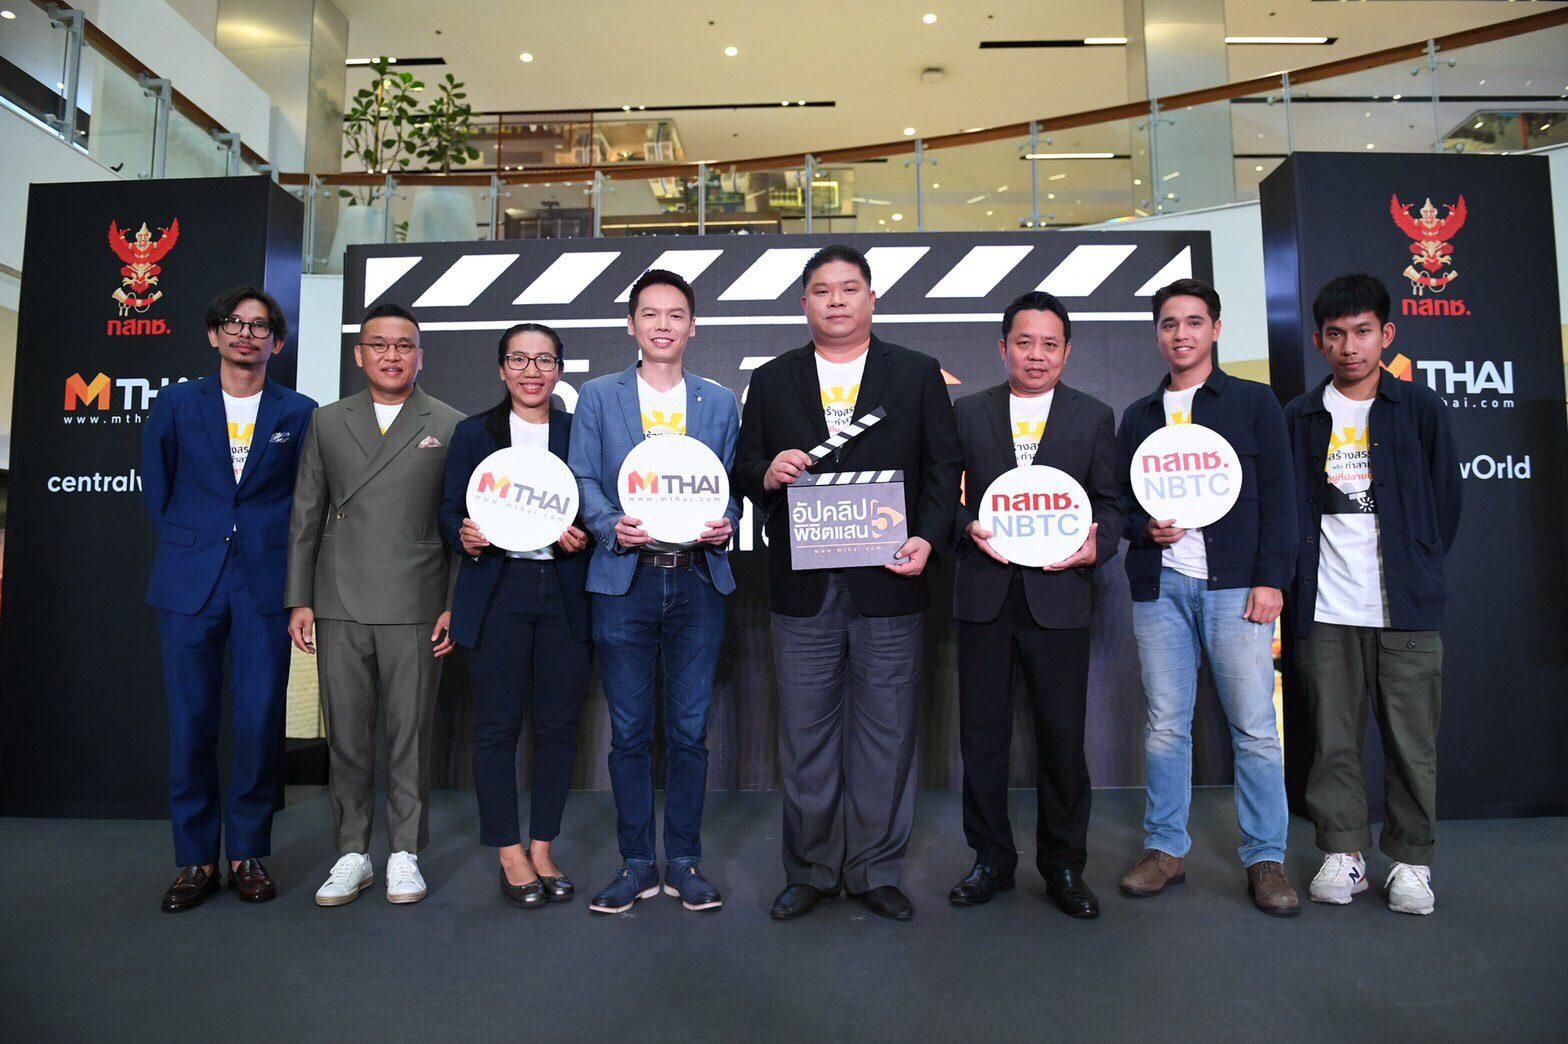 """กสทช. จับมือ 'เอ็มไทย' ท้าเยาวชนไทยโชว์ฝีมือชิงเงินรางวัลในโครงการ """"อัปคลิปพิชิตแสน ซีซั่น 5"""""""